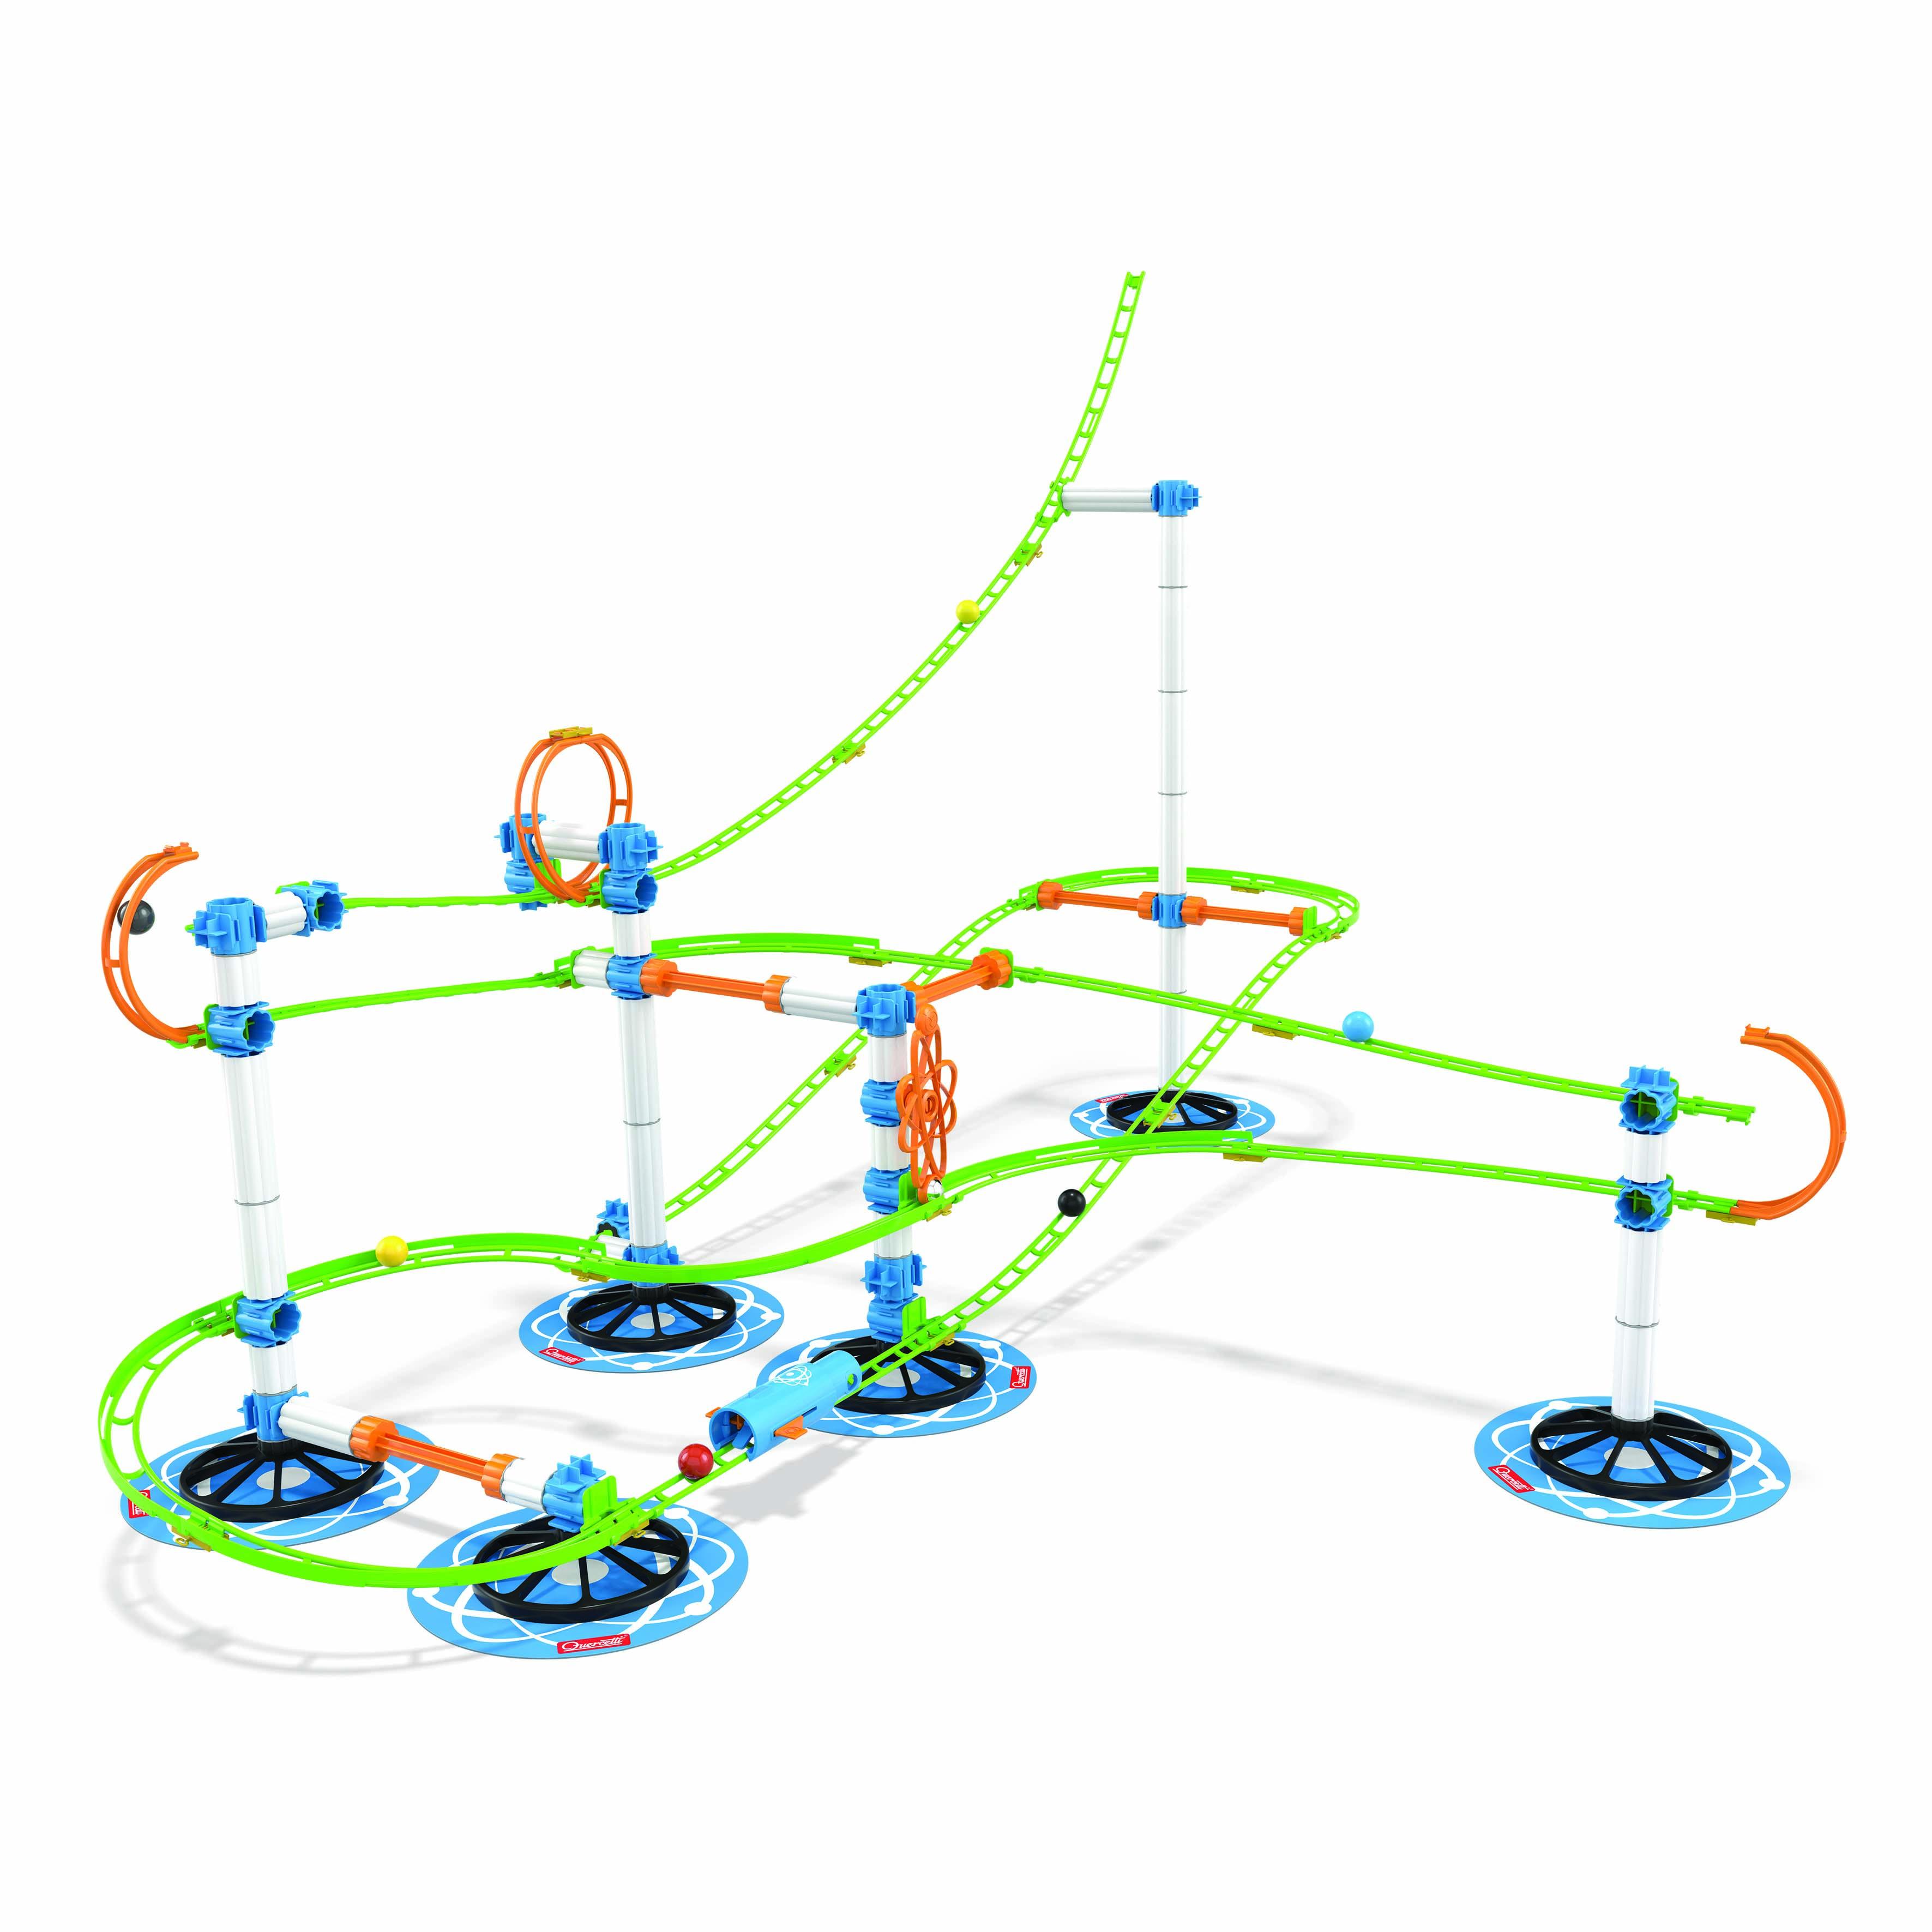 Afbeelding van Knikkerbaan Skyrail Evolution